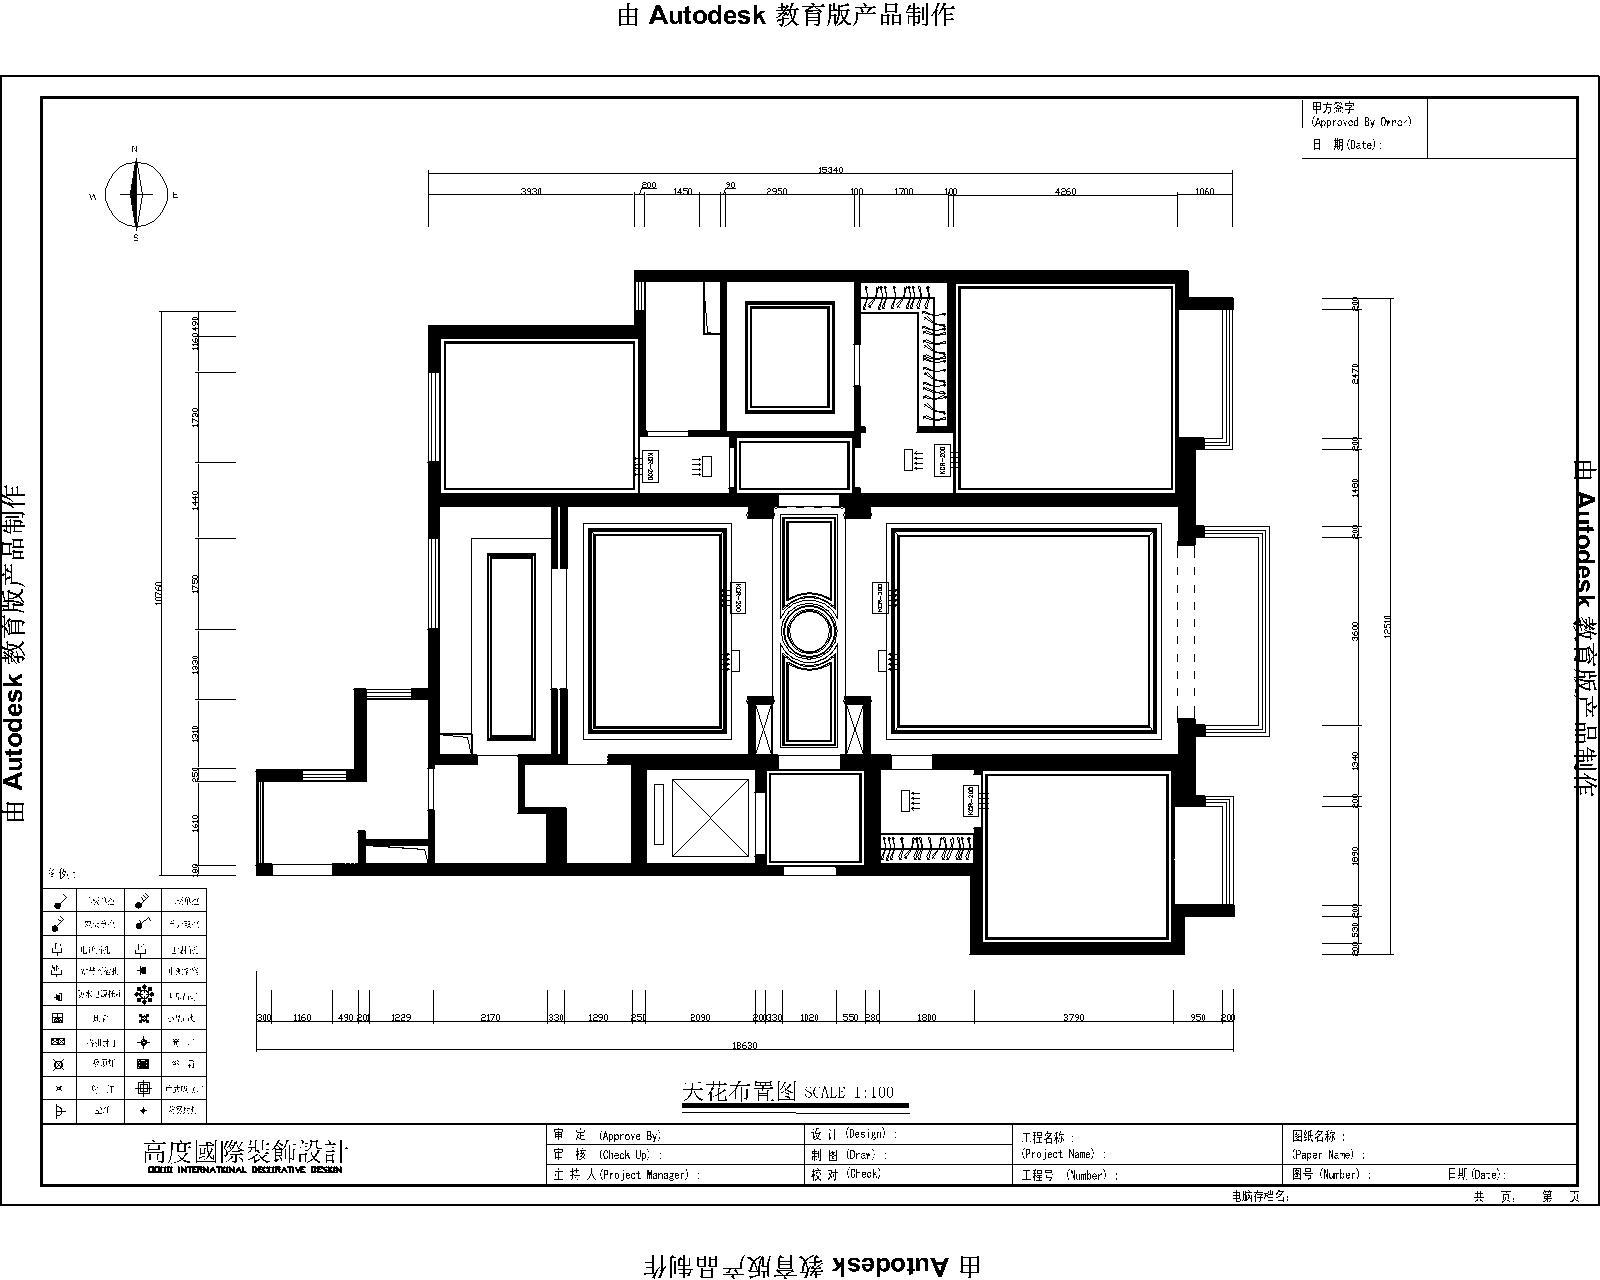 简约 欧式 高度国际 三居 白领 婚房 80后 白富美 高富帅 户型图图片来自北京高度国际装饰设计在9.5万打造华贸城极致简欧公寓的分享